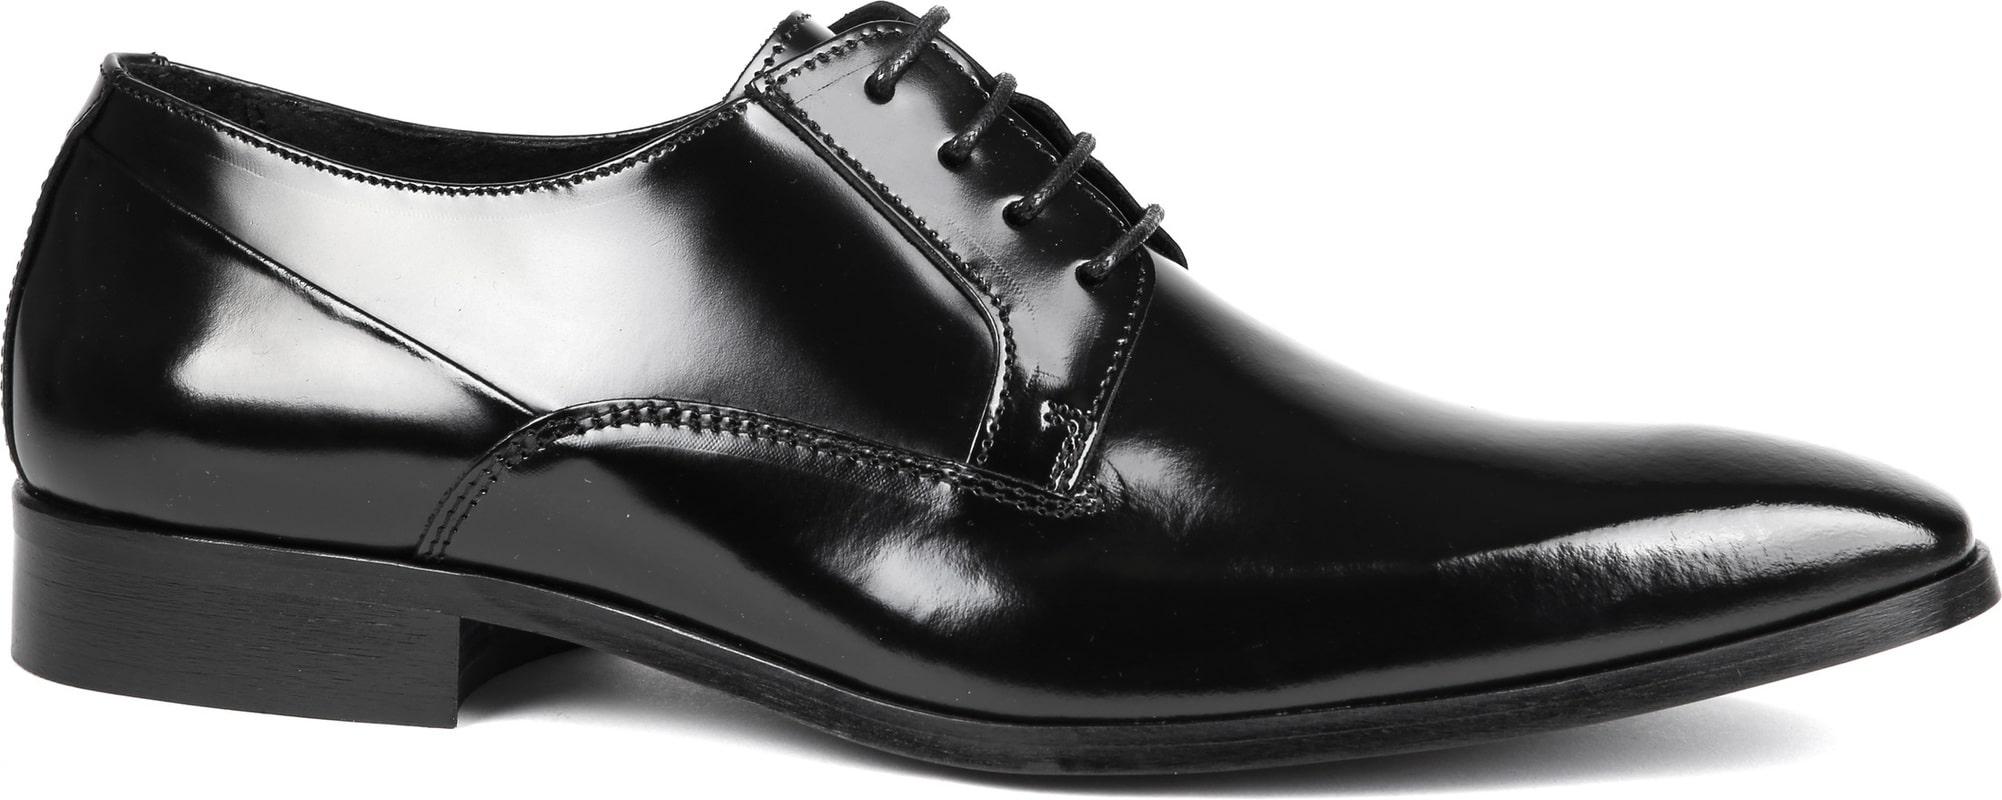 Suitable Black Lacquer Shoes photo 0